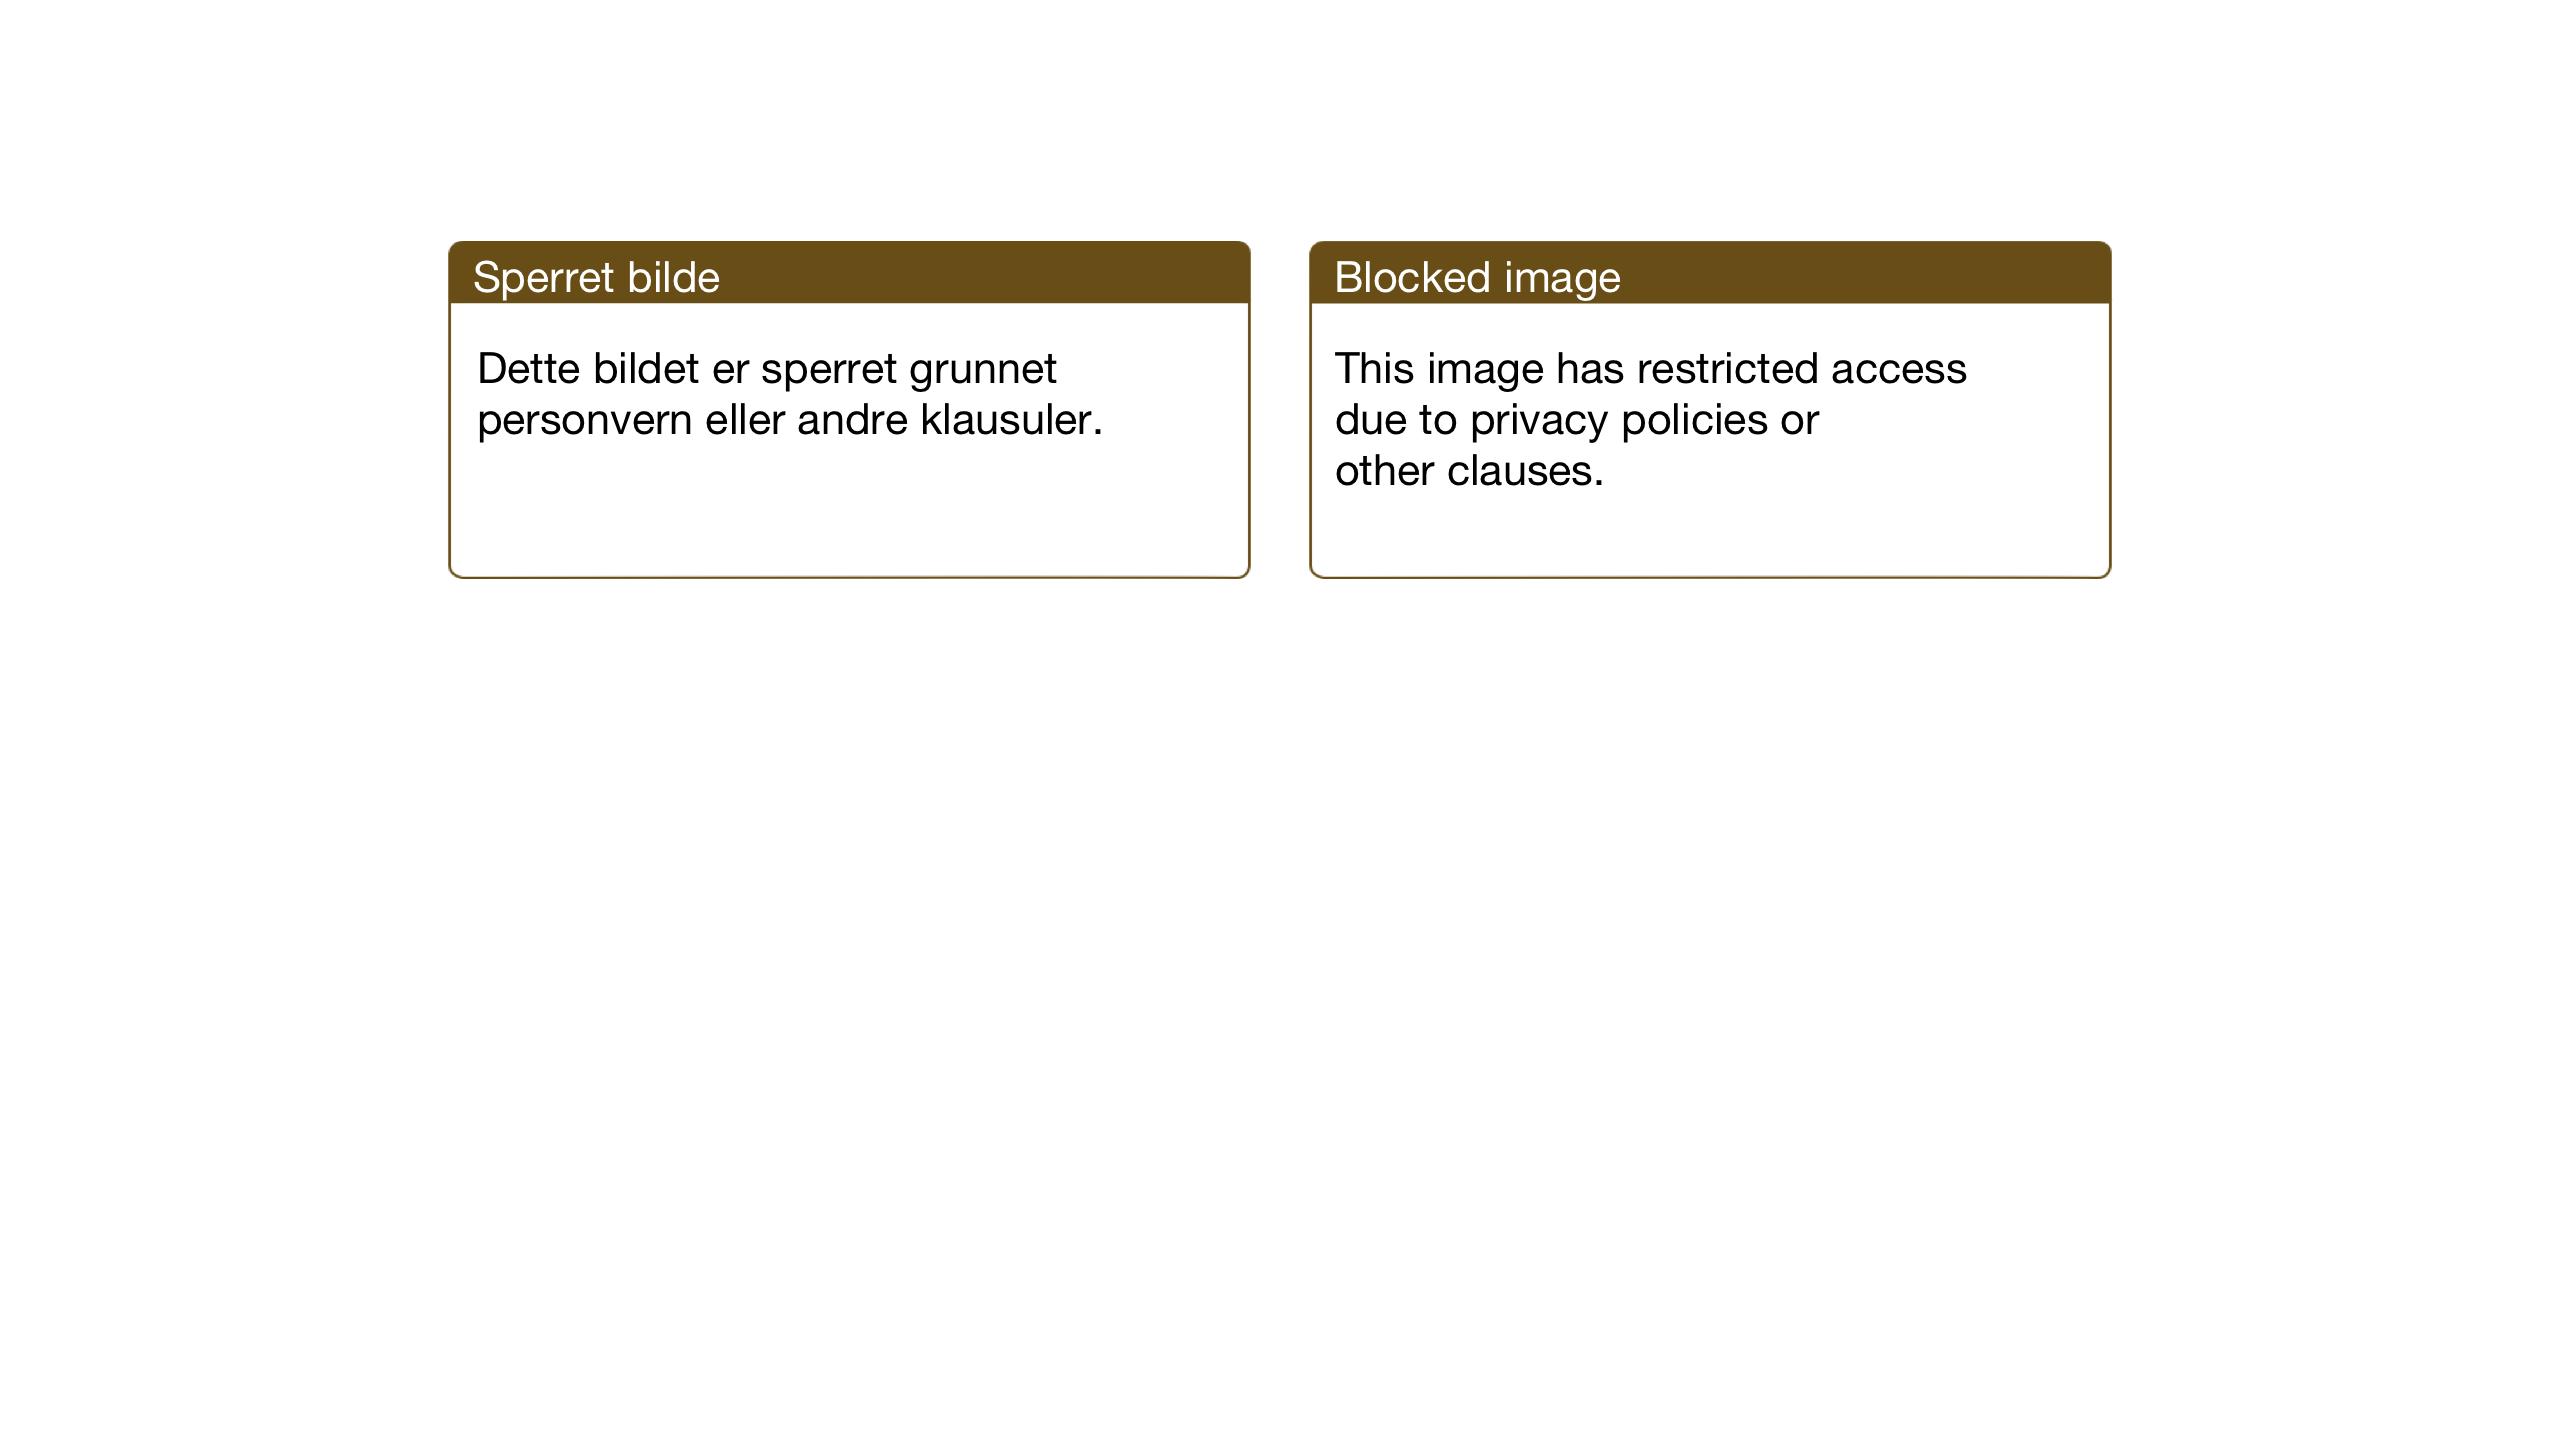 SAT, Ministerialprotokoller, klokkerbøker og fødselsregistre - Sør-Trøndelag, 696/L1161: Klokkerbok nr. 696C01, 1902-1950, s. 65